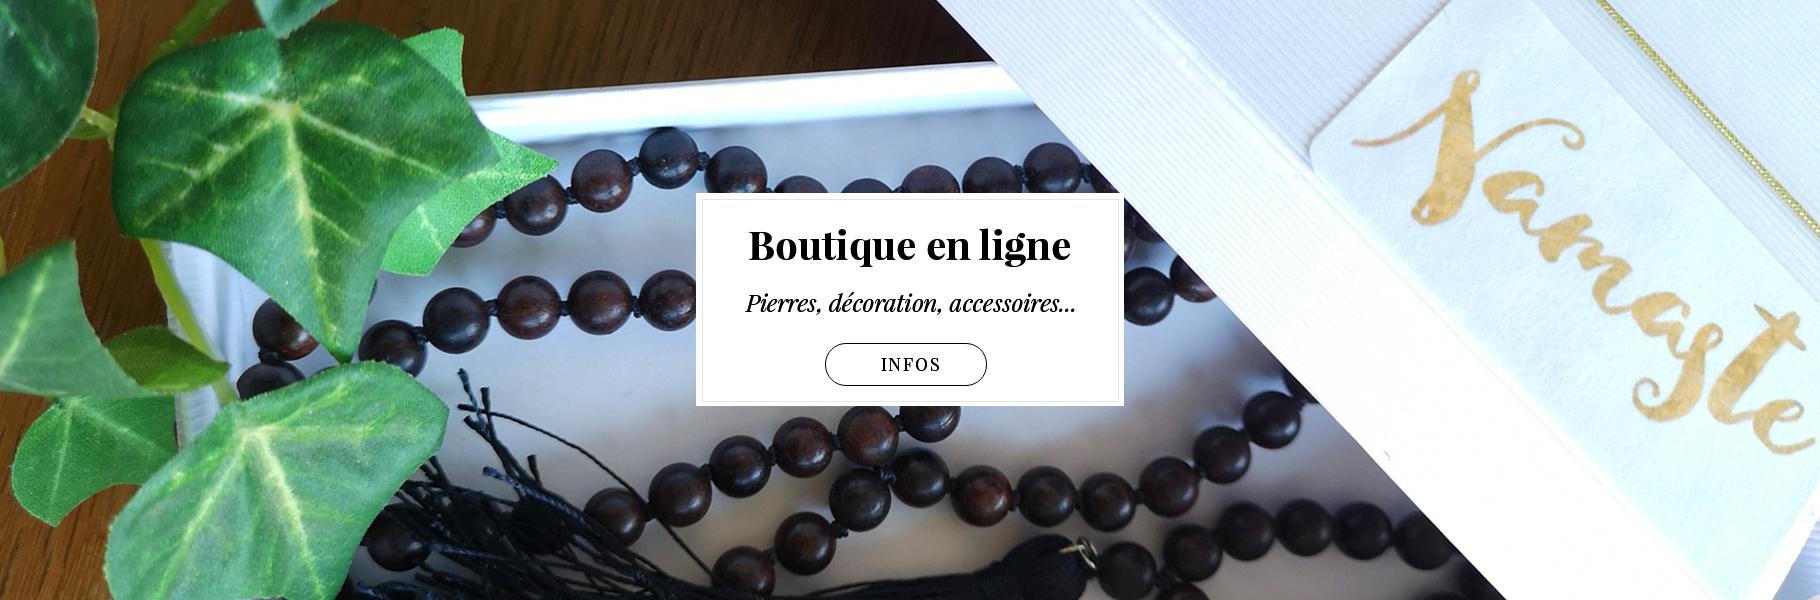 boutique-mineraux-pierre-lithotherapie-deco-bijoux-frejus-var-83